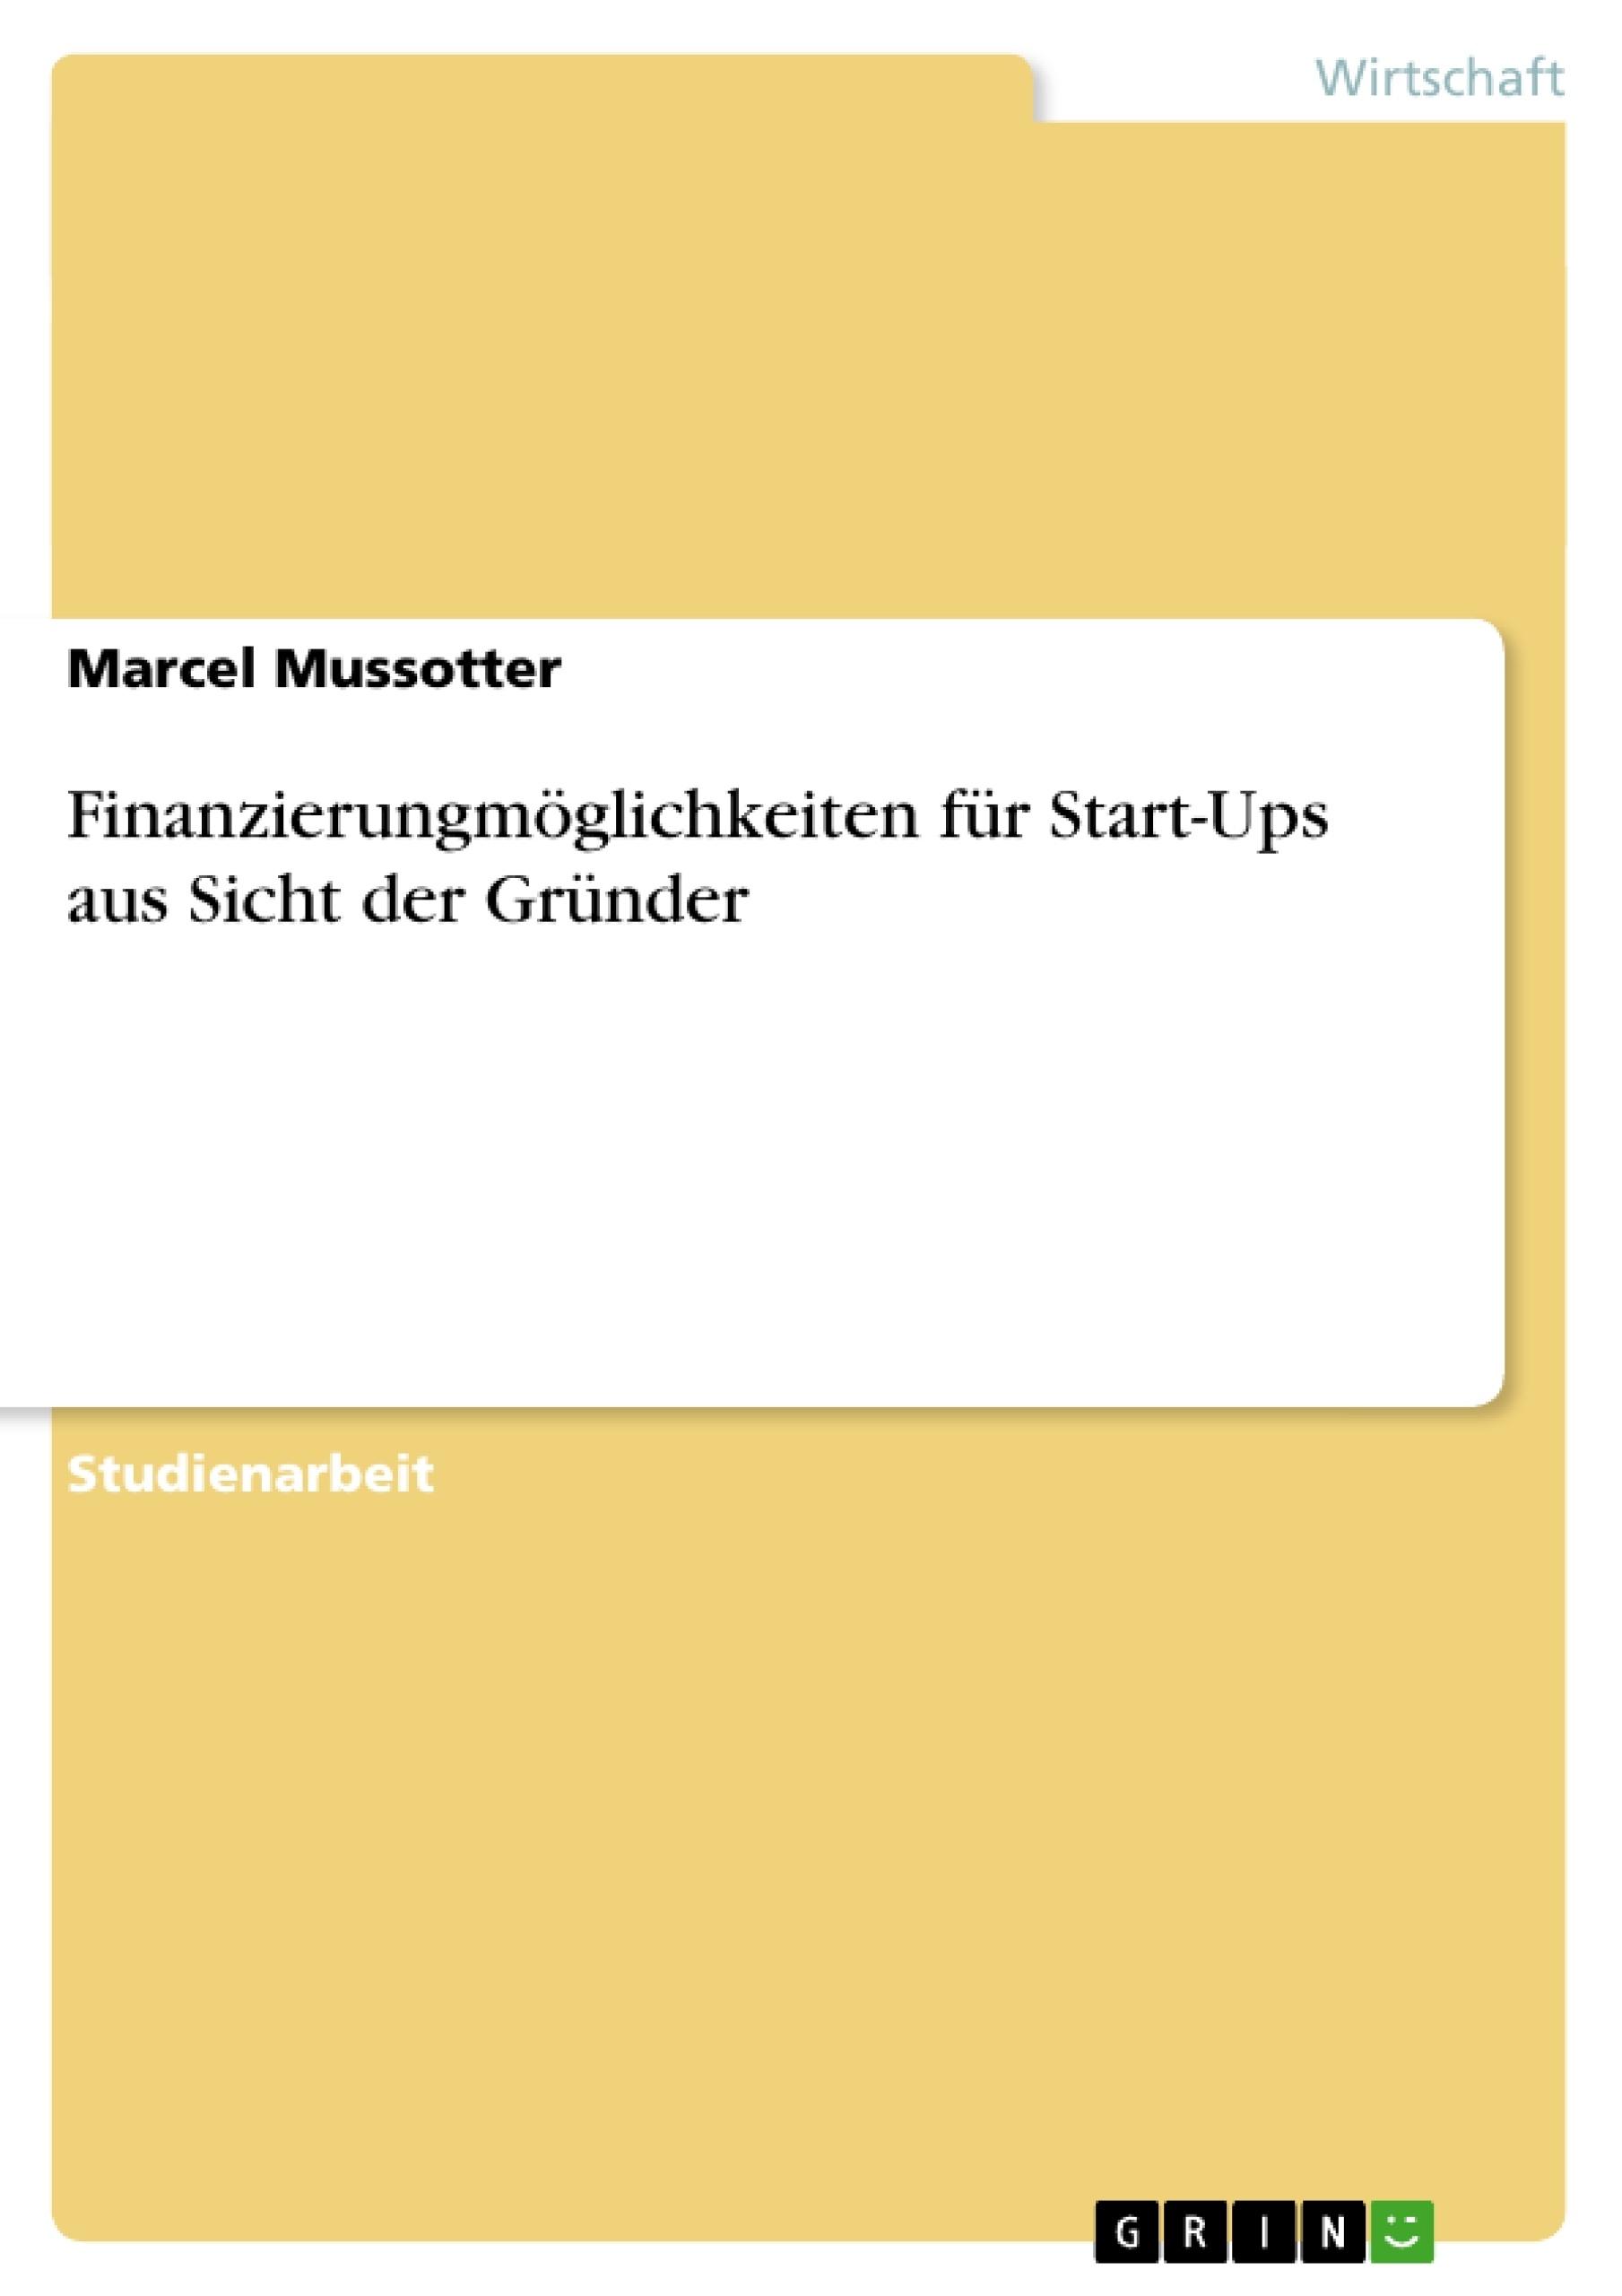 Titel: Finanzierungmöglichkeiten für Start-Ups aus Sicht der Gründer